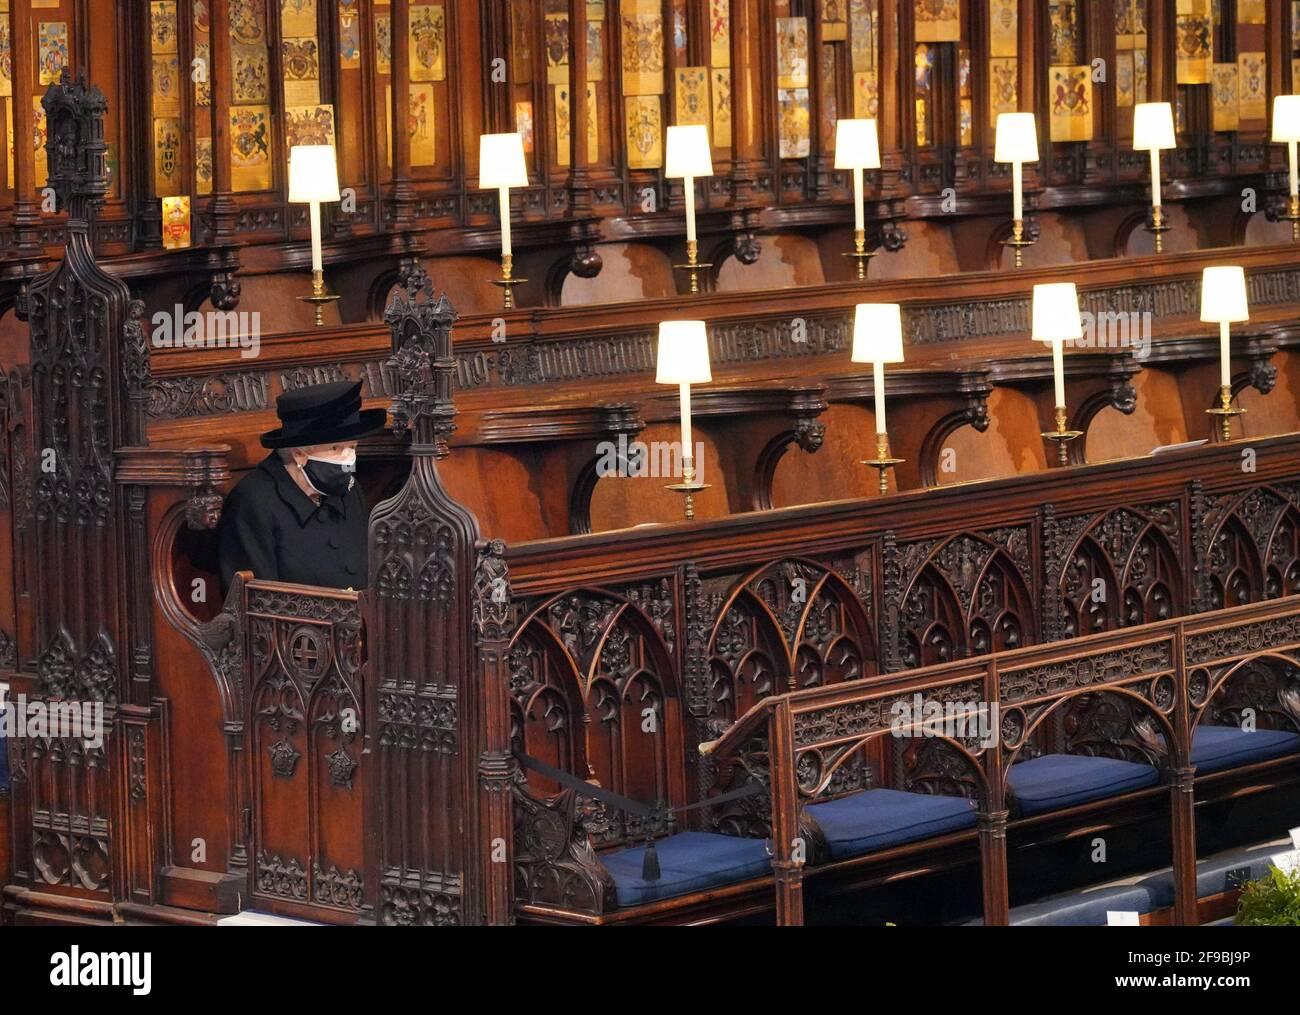 La Reina Isabel II toma asiento para el funeral del Duque de Edimburgo en la Capilla de San Jorge, Castillo de Windsor, Berkshire. Fecha de la foto: Sábado 17 de abril de 2021. Foto de stock